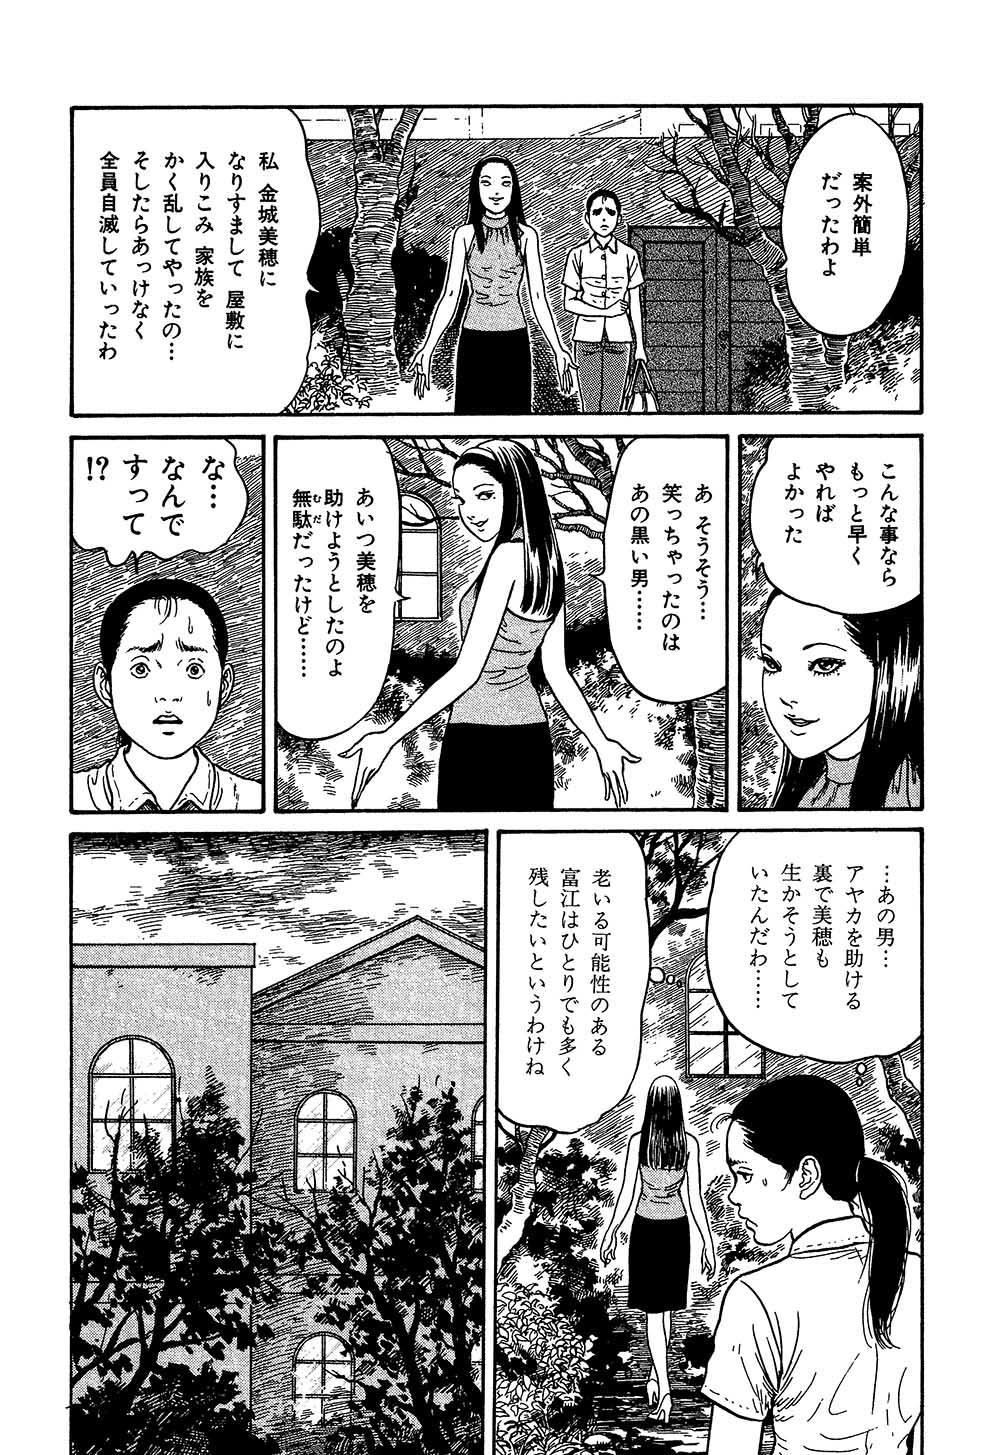 itouj_0002_0360.jpg